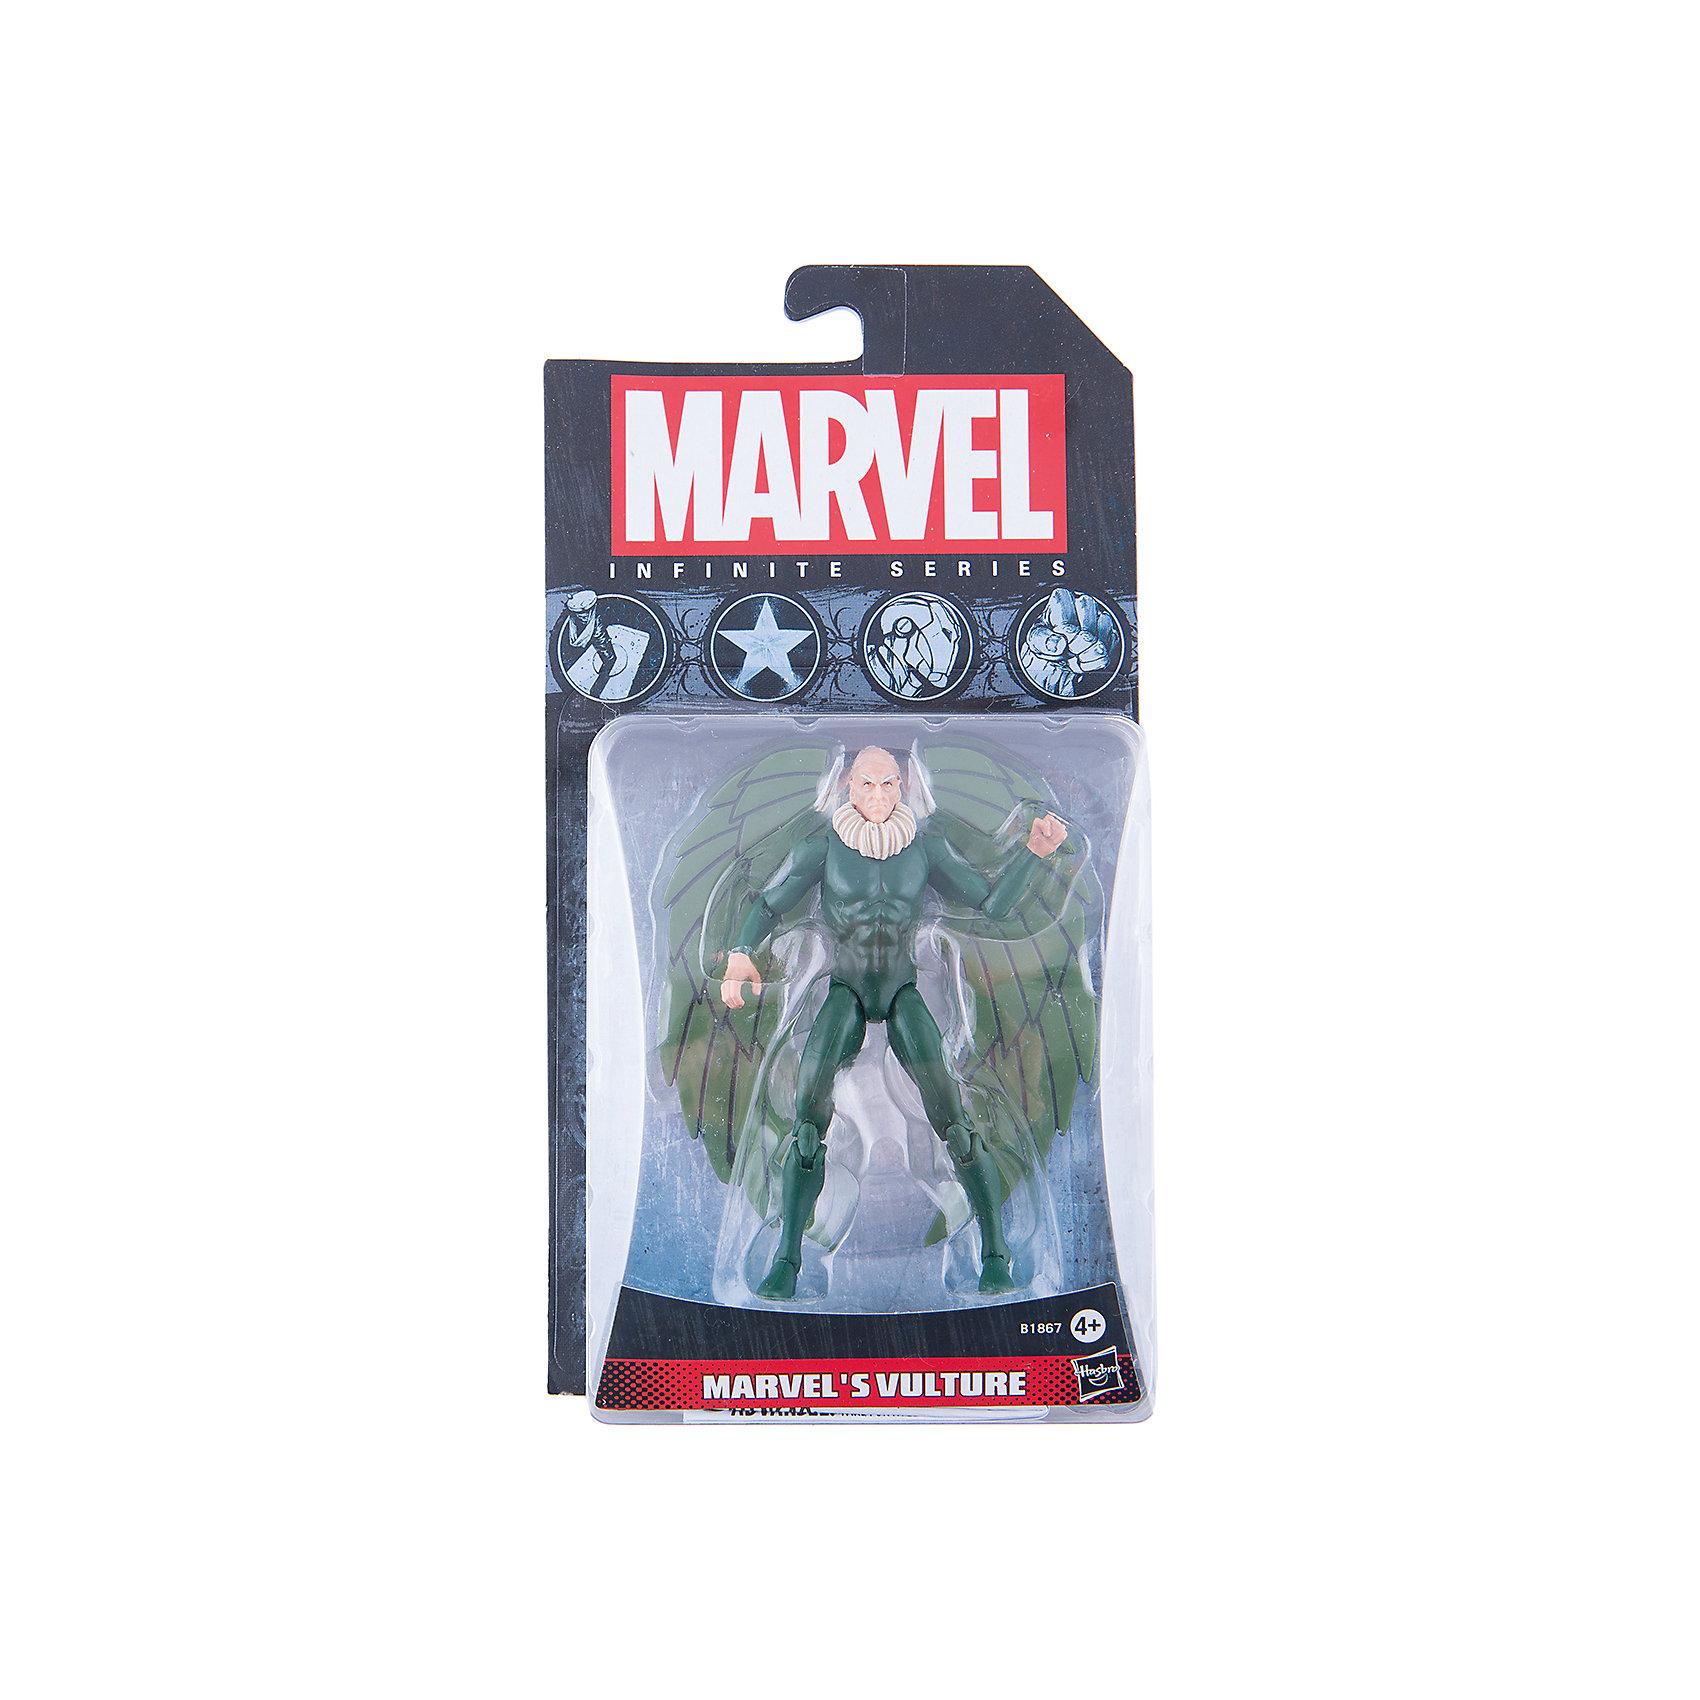 Коллекционная фигурка Марвел 9,5 см, Marvel Heroes, B1867/A6749Игрушки<br>Фигурка Вультура, давнего врага Человека-Паука, обязательно понравится всем поклонникам Marvel. Фигурка прекрасно детализирована, обладает подвижными конечностями и щупальцами, что позволяет ей принимать разнообразные позы, открывая еще большие возможности для различных игровых сюжетов. Игрушка изготовлена из высококачественного пластика, с применением безопасных, экологичных красителей. <br><br>Дополнительная информация:<br><br>- Материал: пластик.<br>- Размер фигурки: 9,5 см.<br>- Подвижные конечности.<br><br>Коллекционную фигурку Марвел 9,5 см, Marvel Heroes, можно купить в нашем магазине.<br><br>Ширина мм: 51<br>Глубина мм: 121<br>Высота мм: 229<br>Вес г: 150<br>Возраст от месяцев: 48<br>Возраст до месяцев: 192<br>Пол: Мужской<br>Возраст: Детский<br>SKU: 4563957